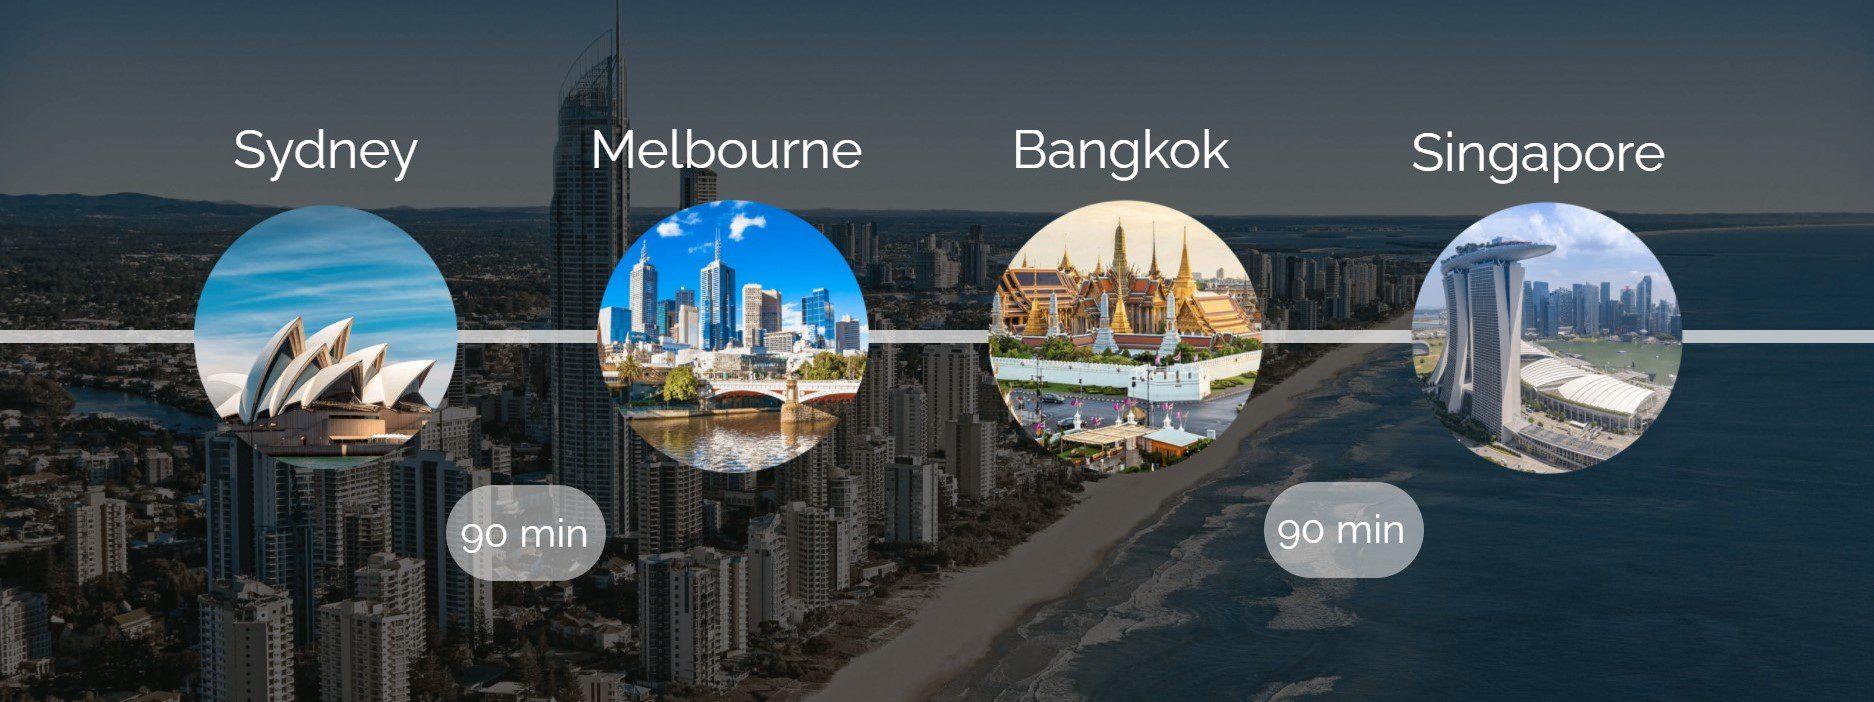 Australia & ASEAN Routes